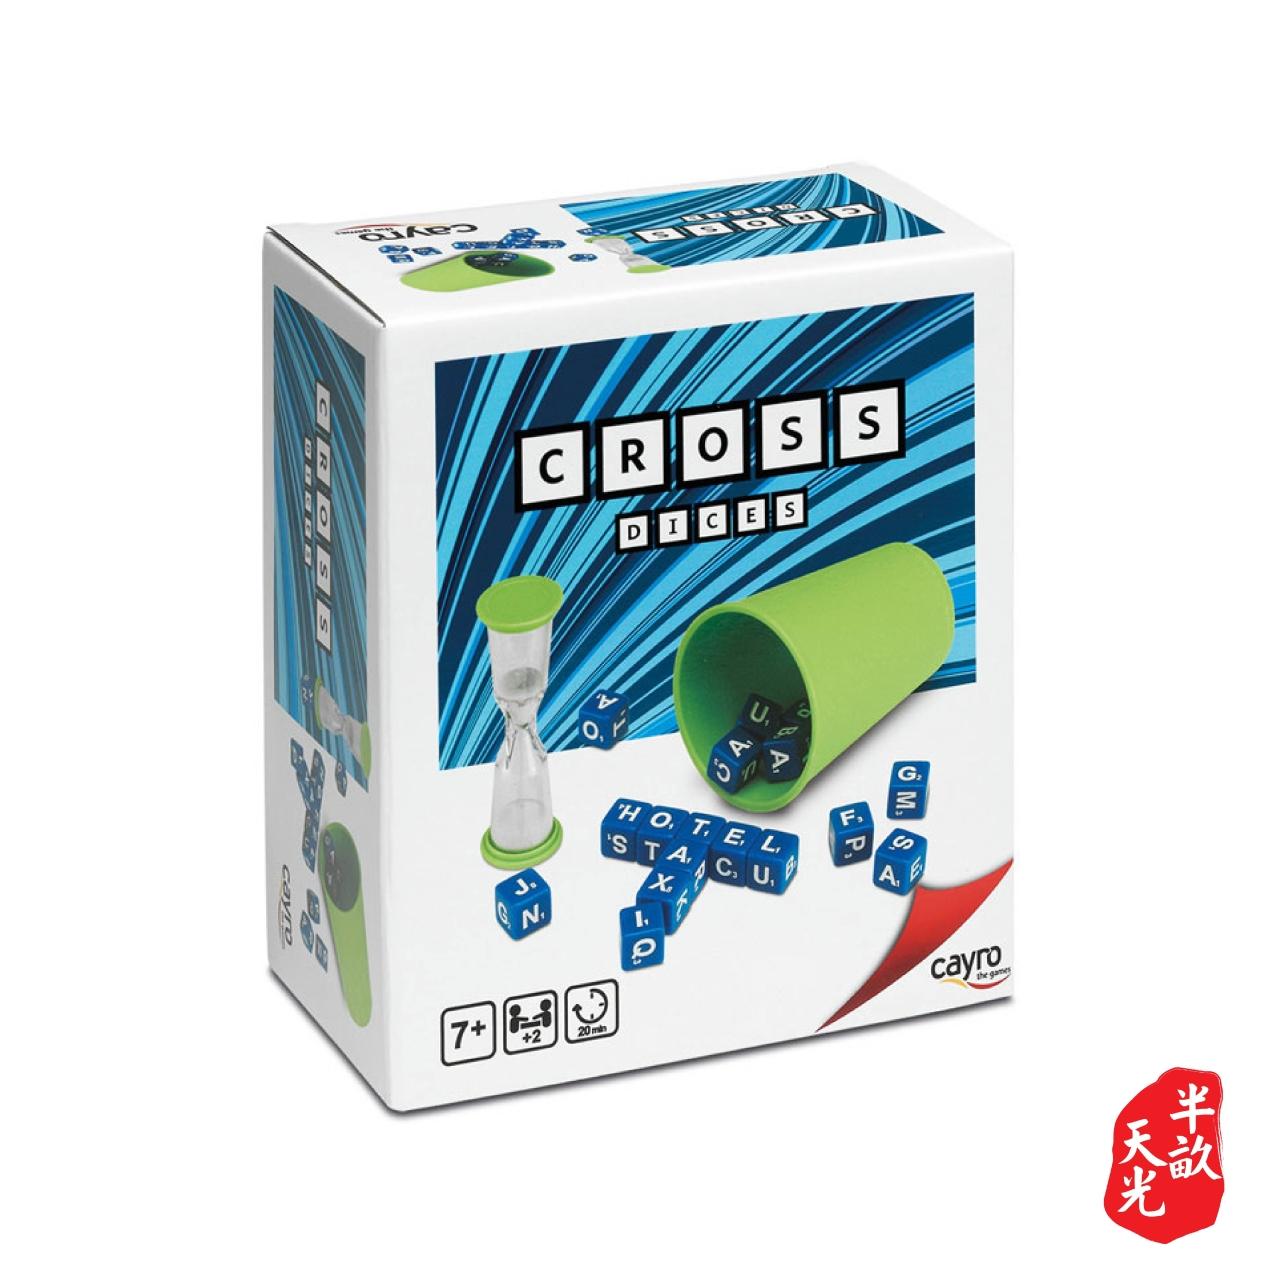 儿童桌游/儿童游戏/正版桌游: Cross Dice 字母骰